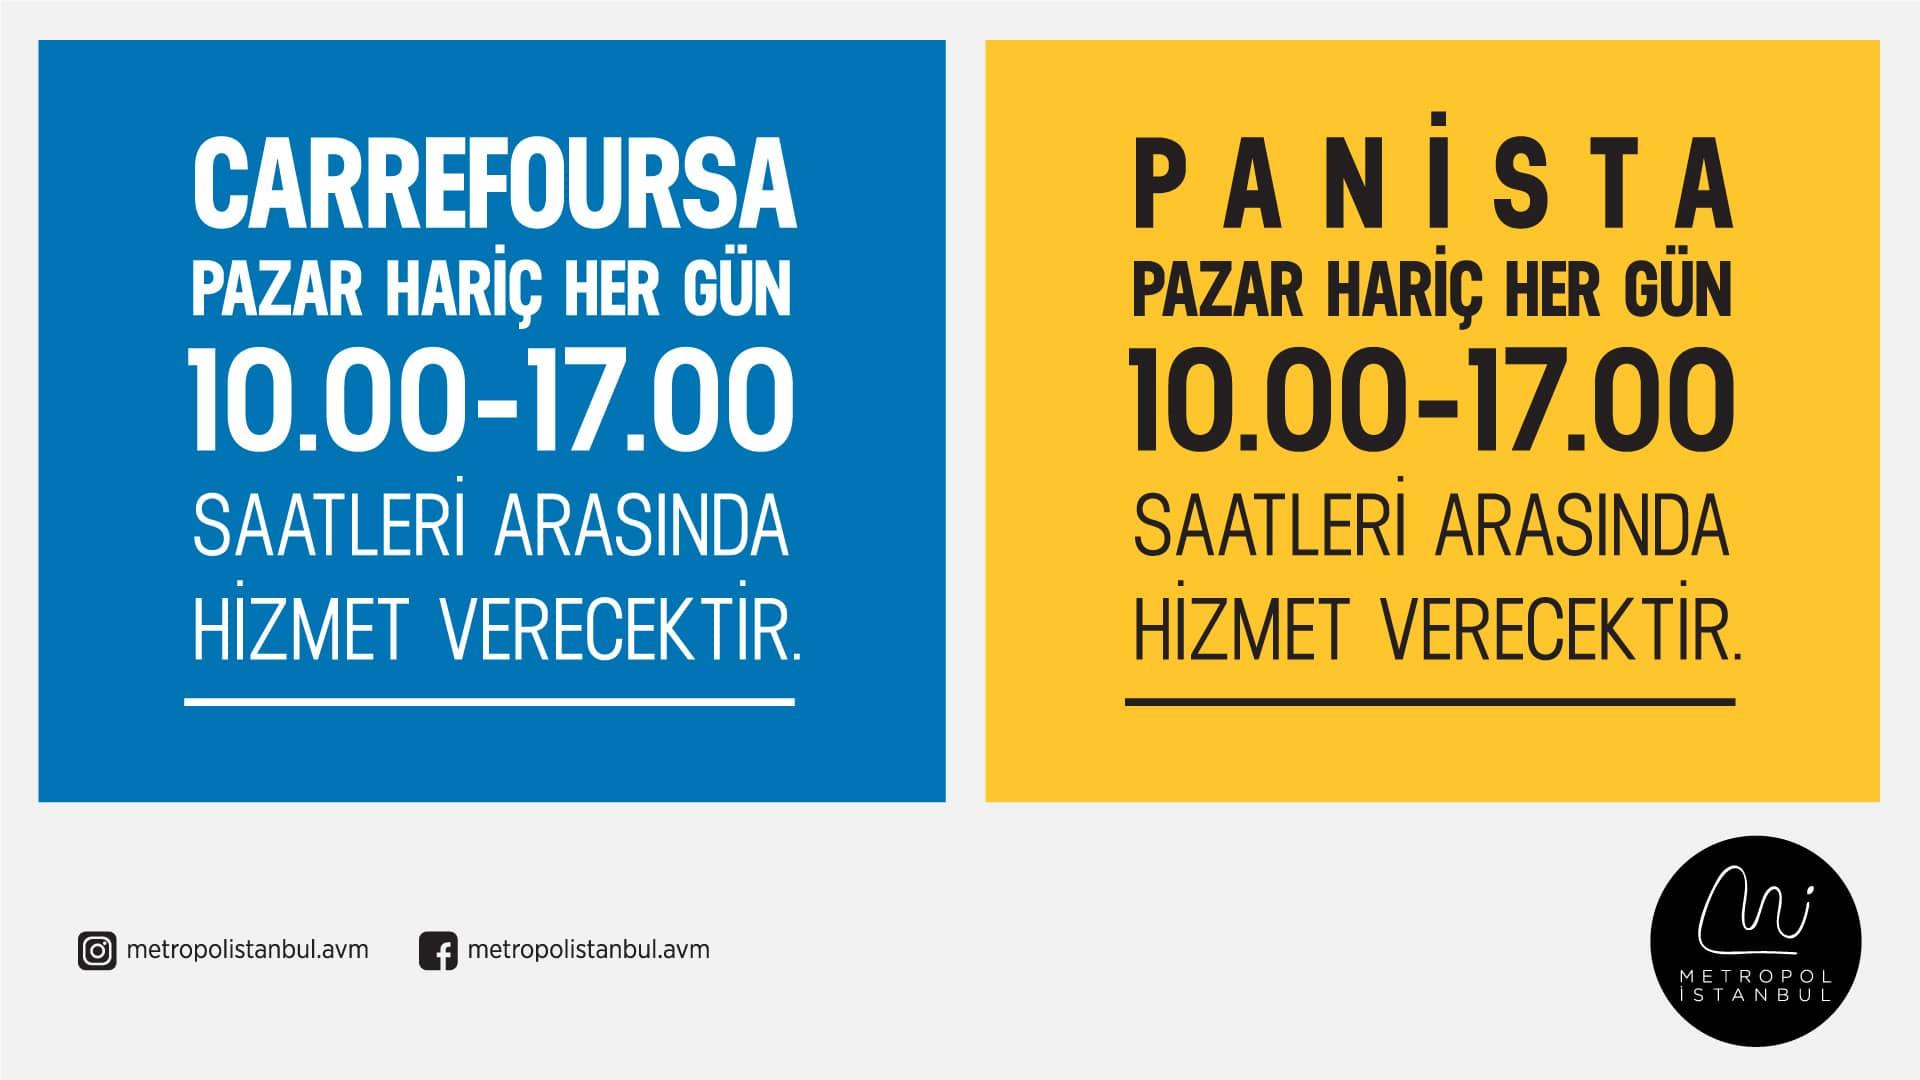 CarrefourSa ve Panista Hizmet Saatleri